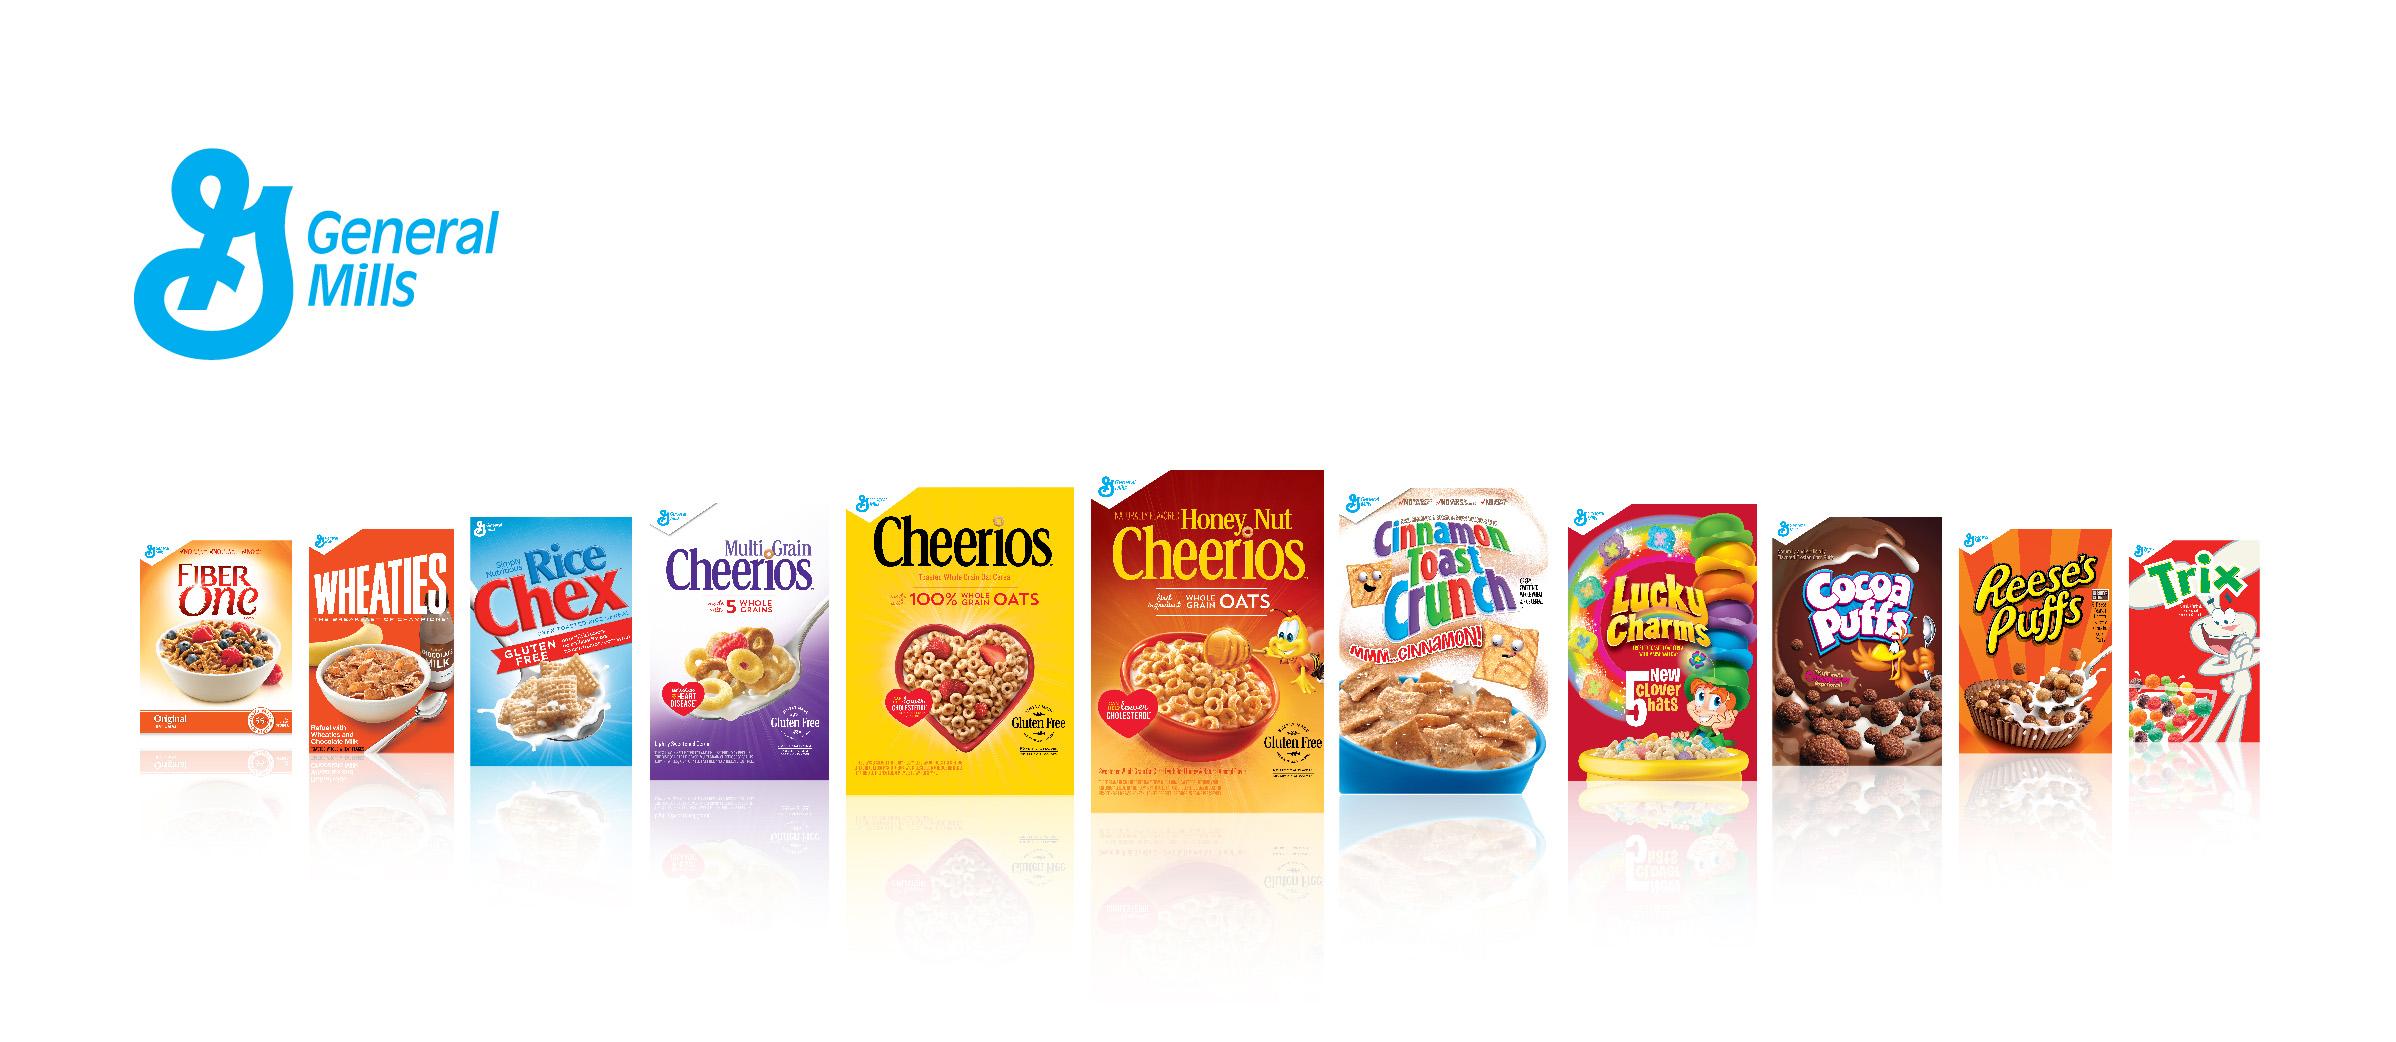 General mills brands